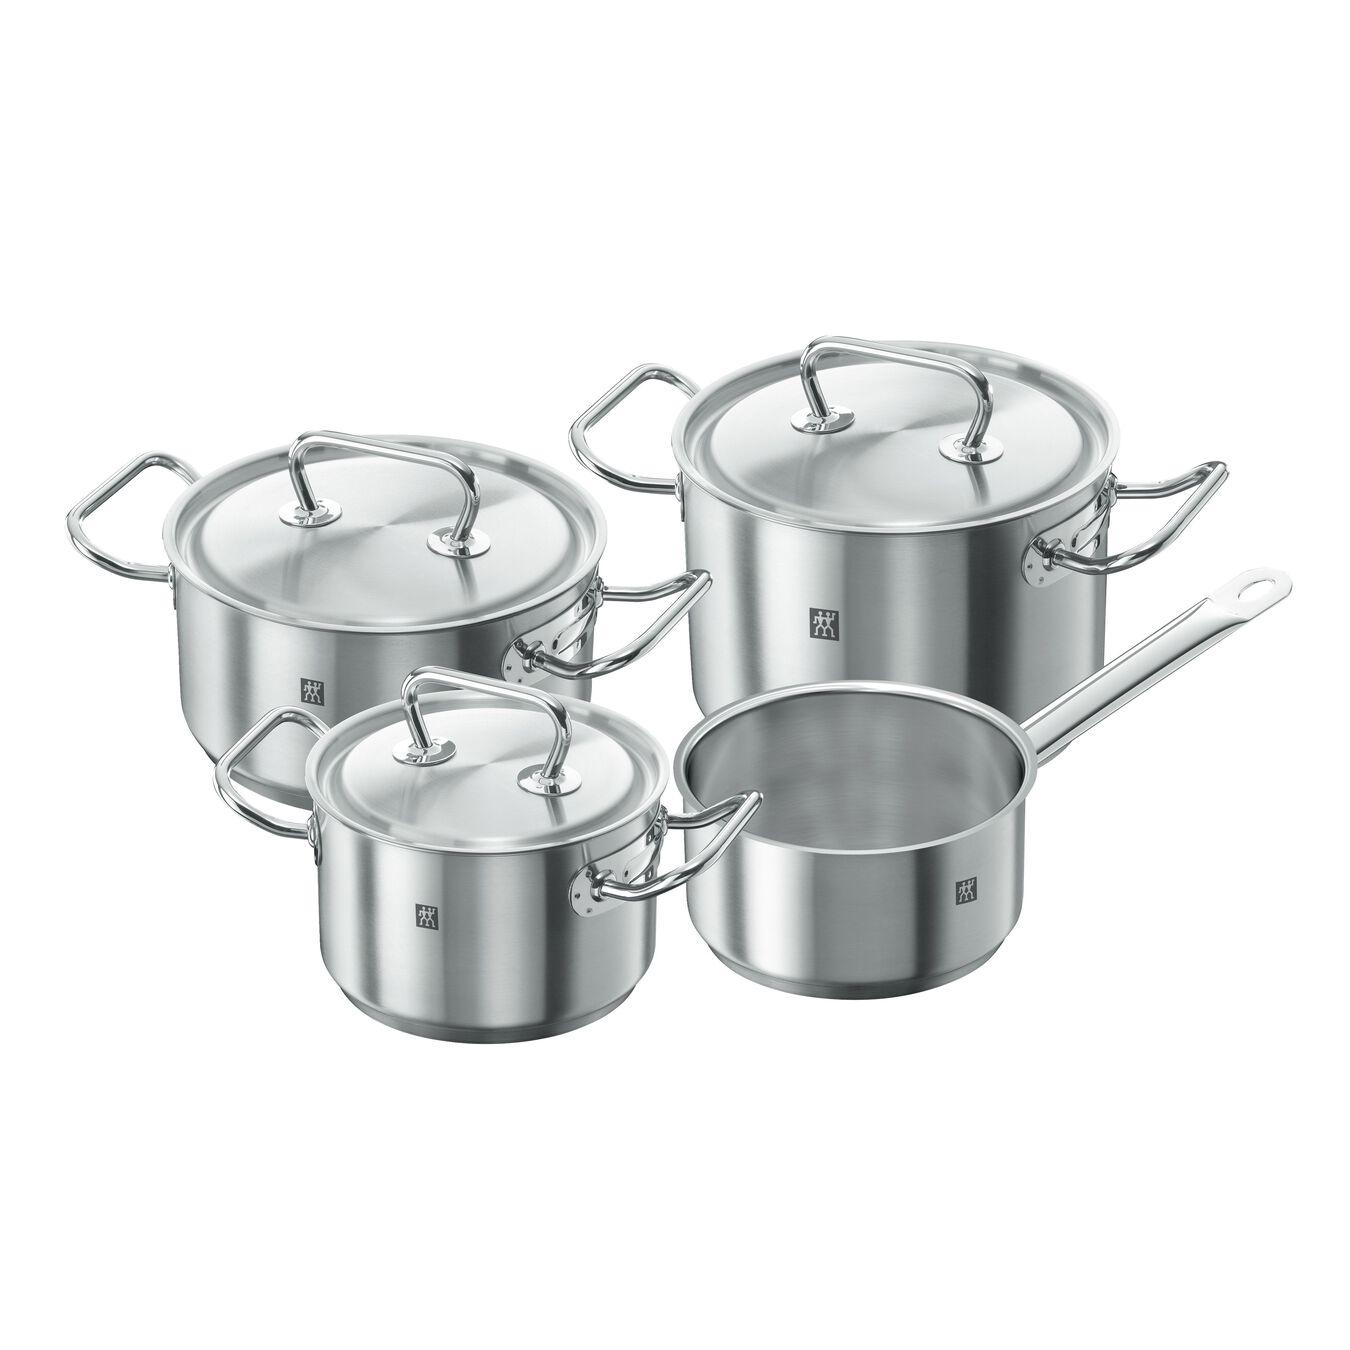 Ensemble de casseroles 4-pcs, Inox 18/10,,large 1